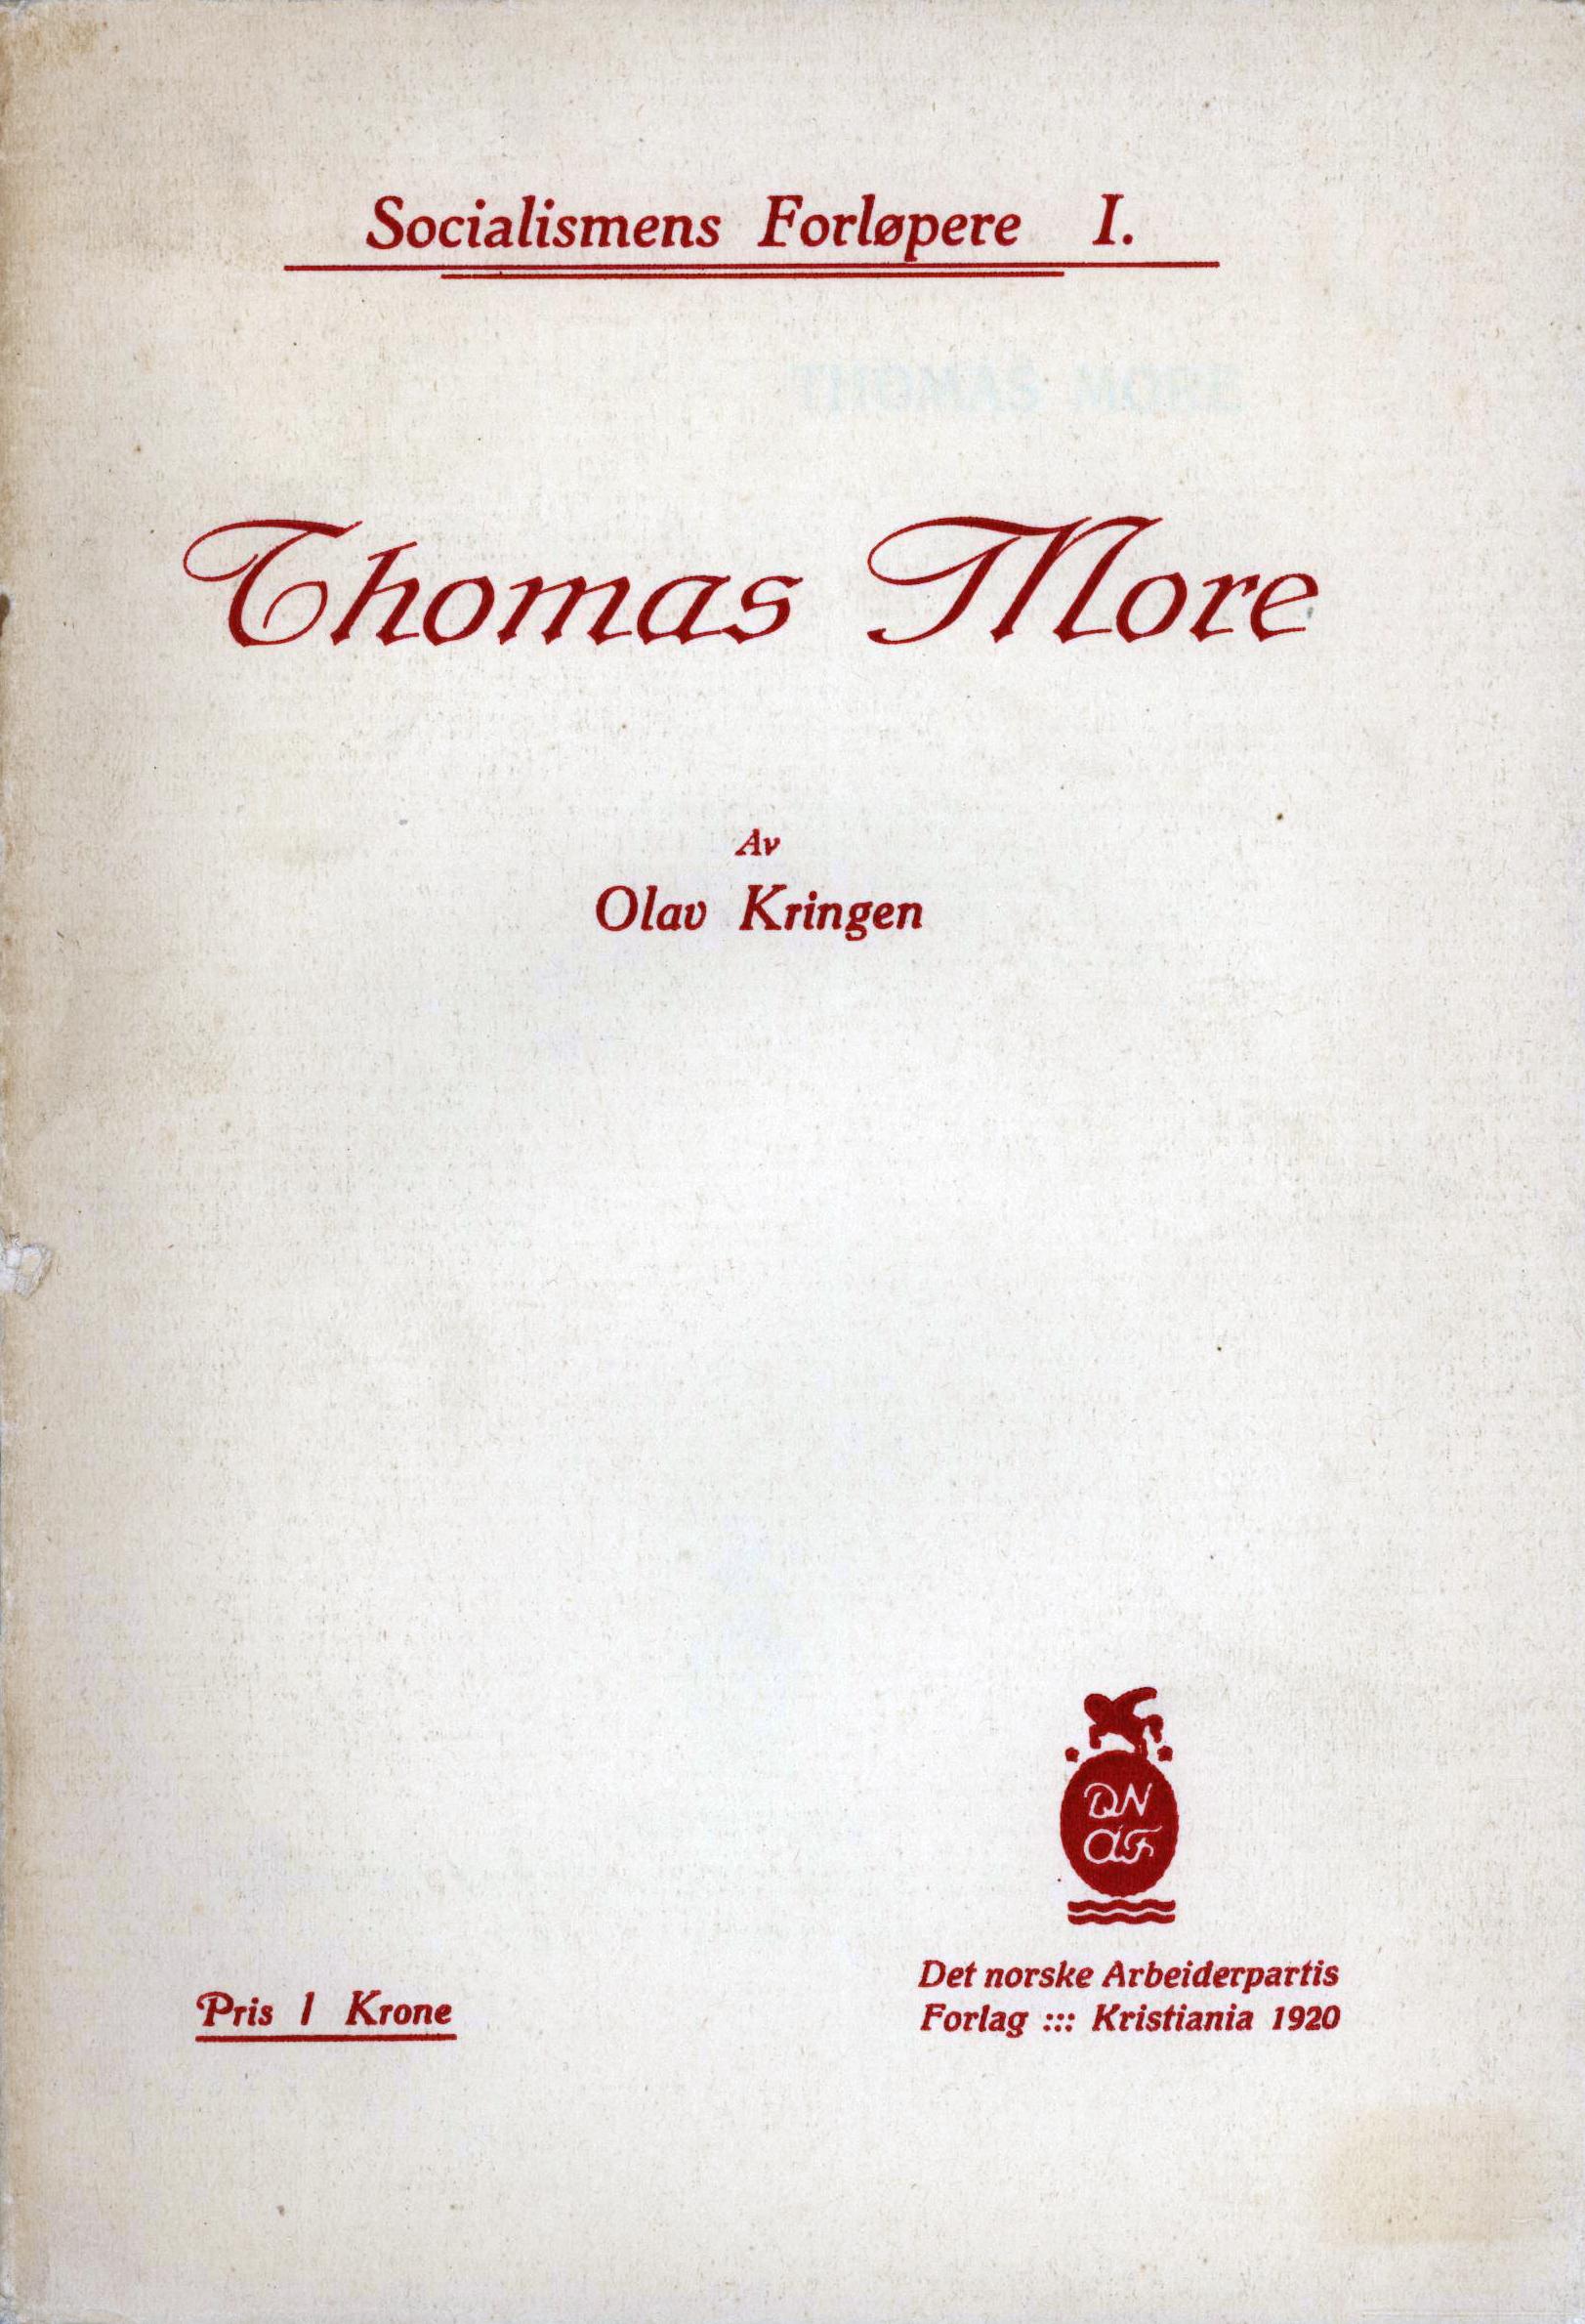 Olav Kringen: Thomas More